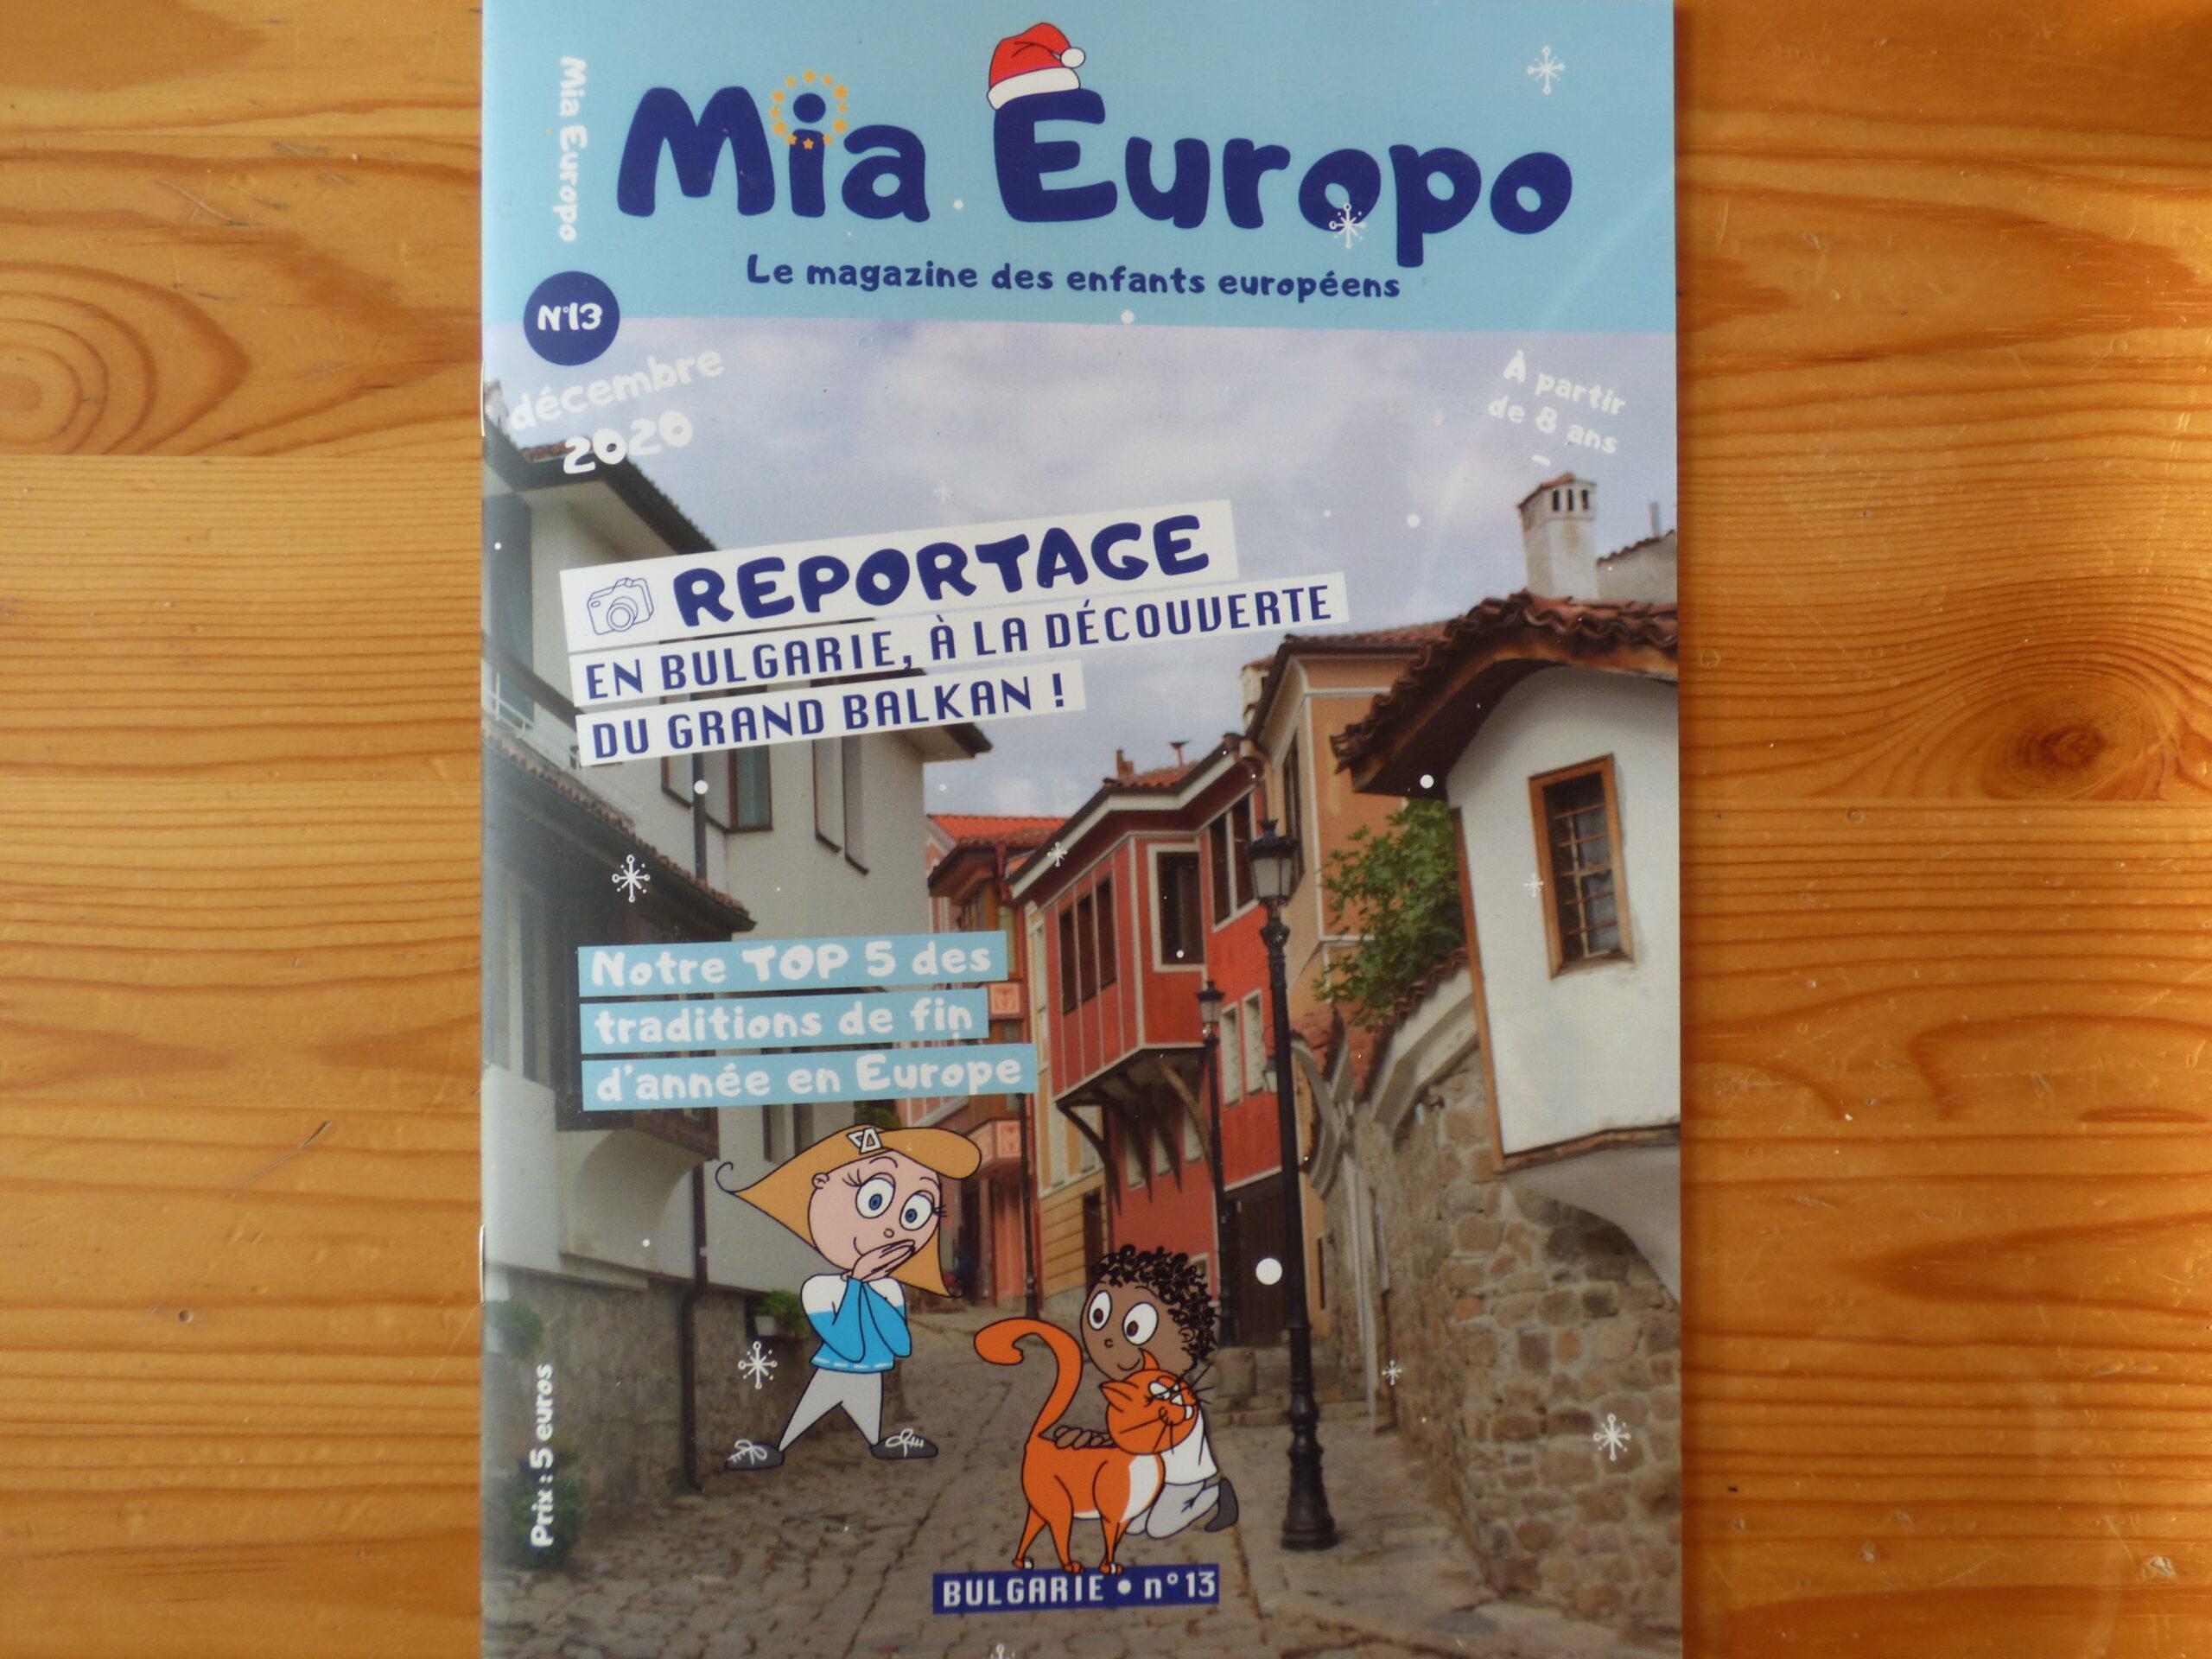 Mia Europo Bulgarie